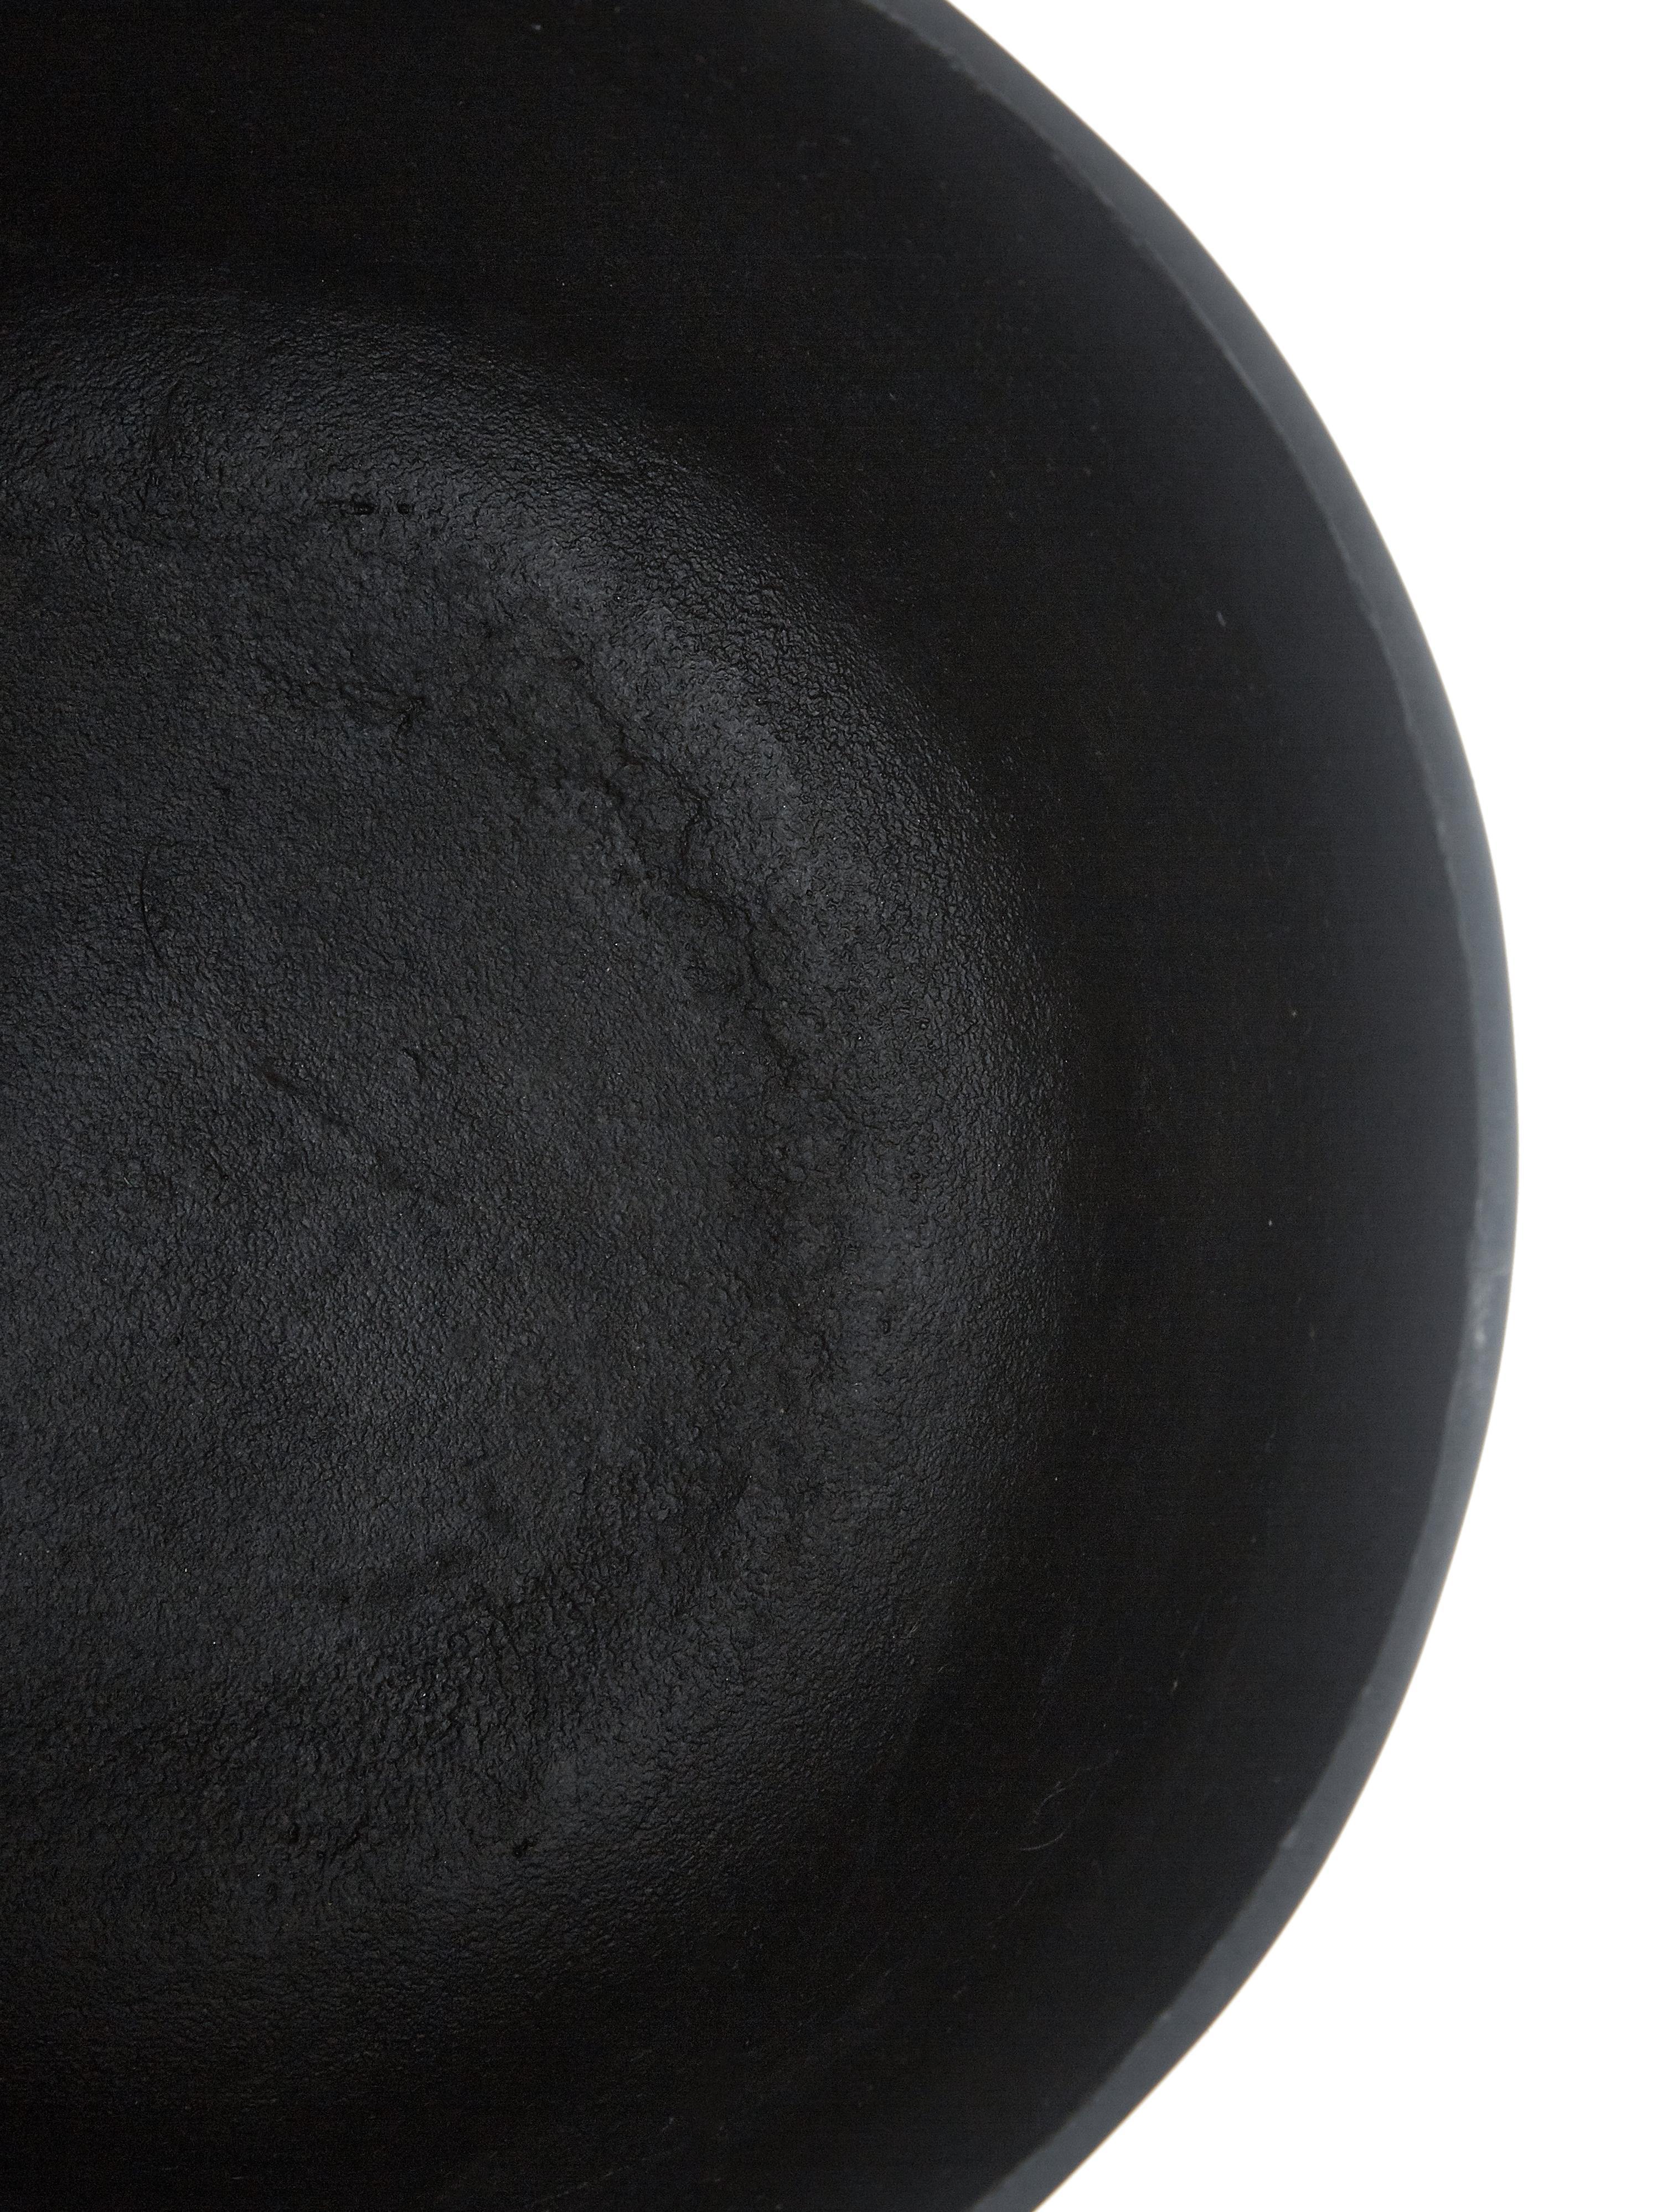 Großer Übertopf Minell aus Metall, Übertopf: Aluminium, oxidiert, besc, Gestell: Metall, beschichtet, Schwarz, Ø 28 x H 50 cm